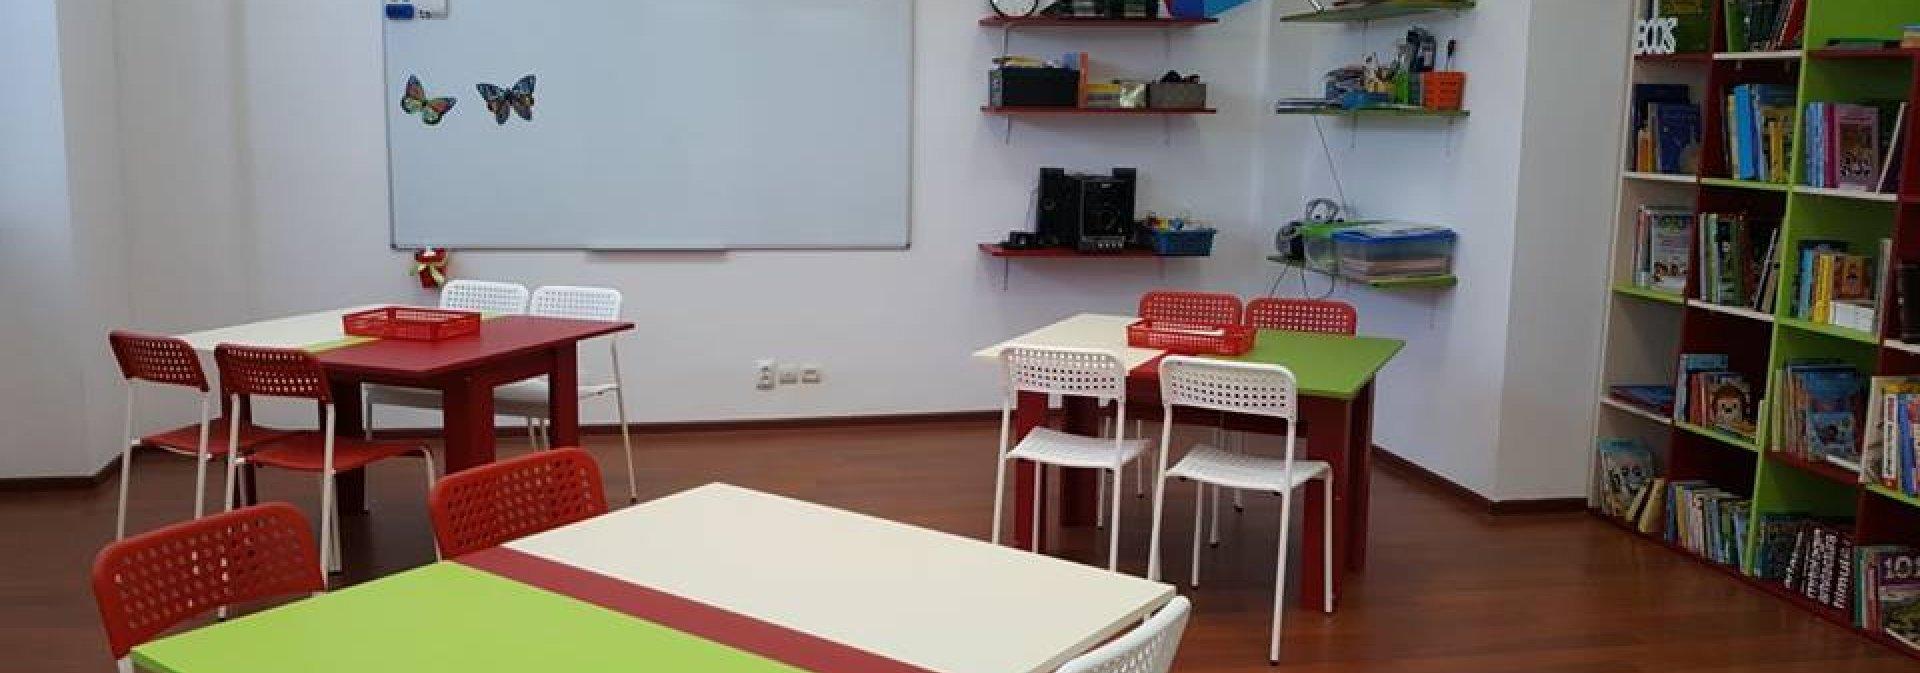 Centrul Educațional Tempus, Iași